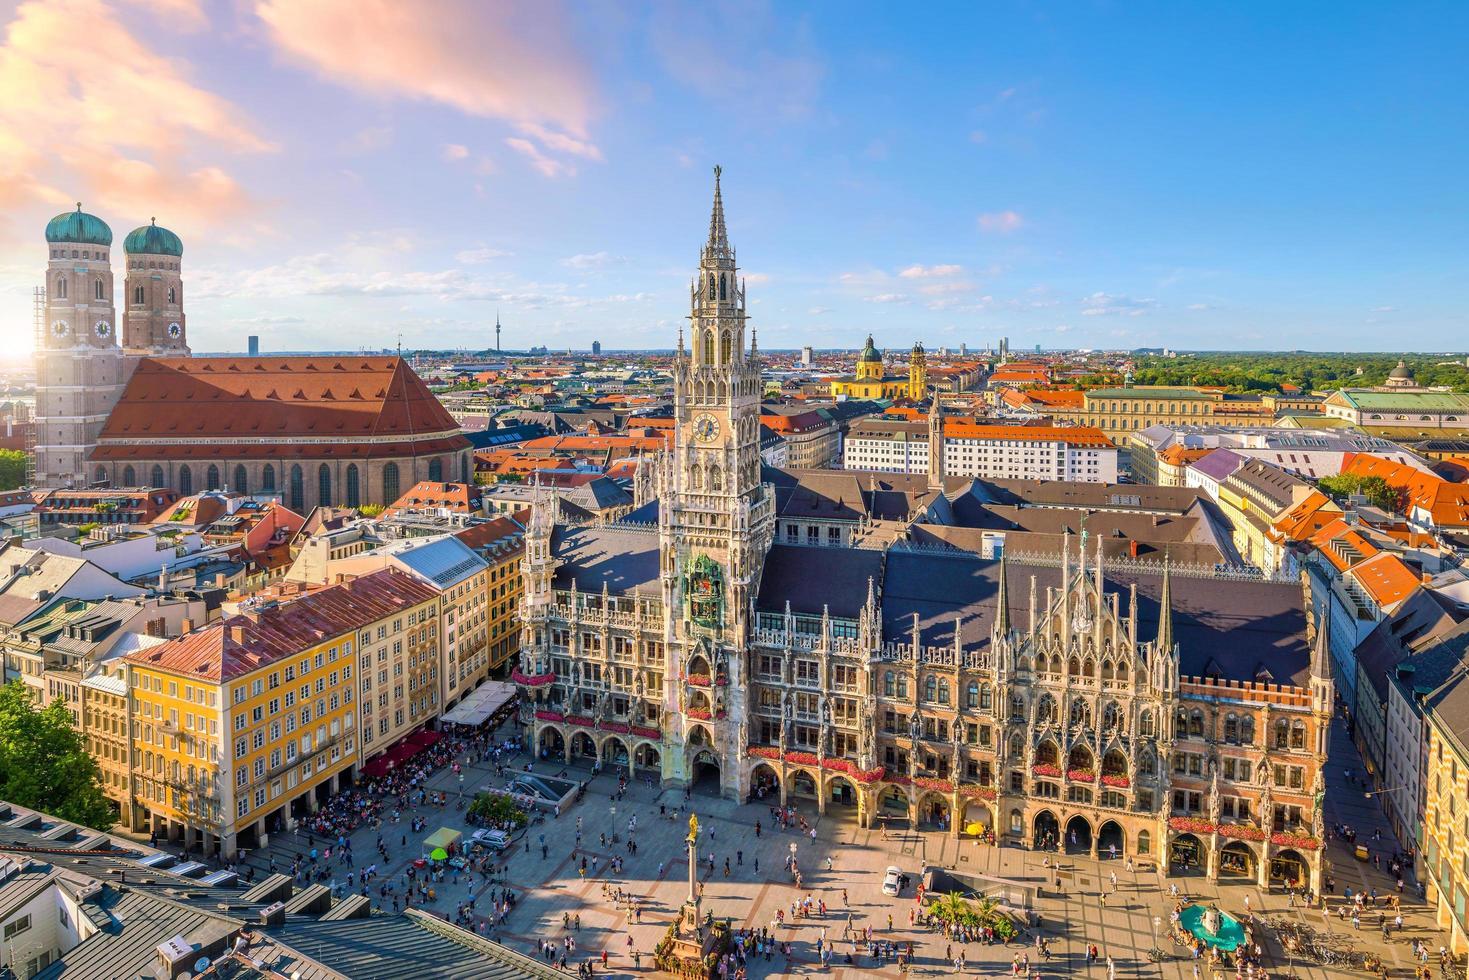 horizonte de munique com a prefeitura da marienplatz. foto